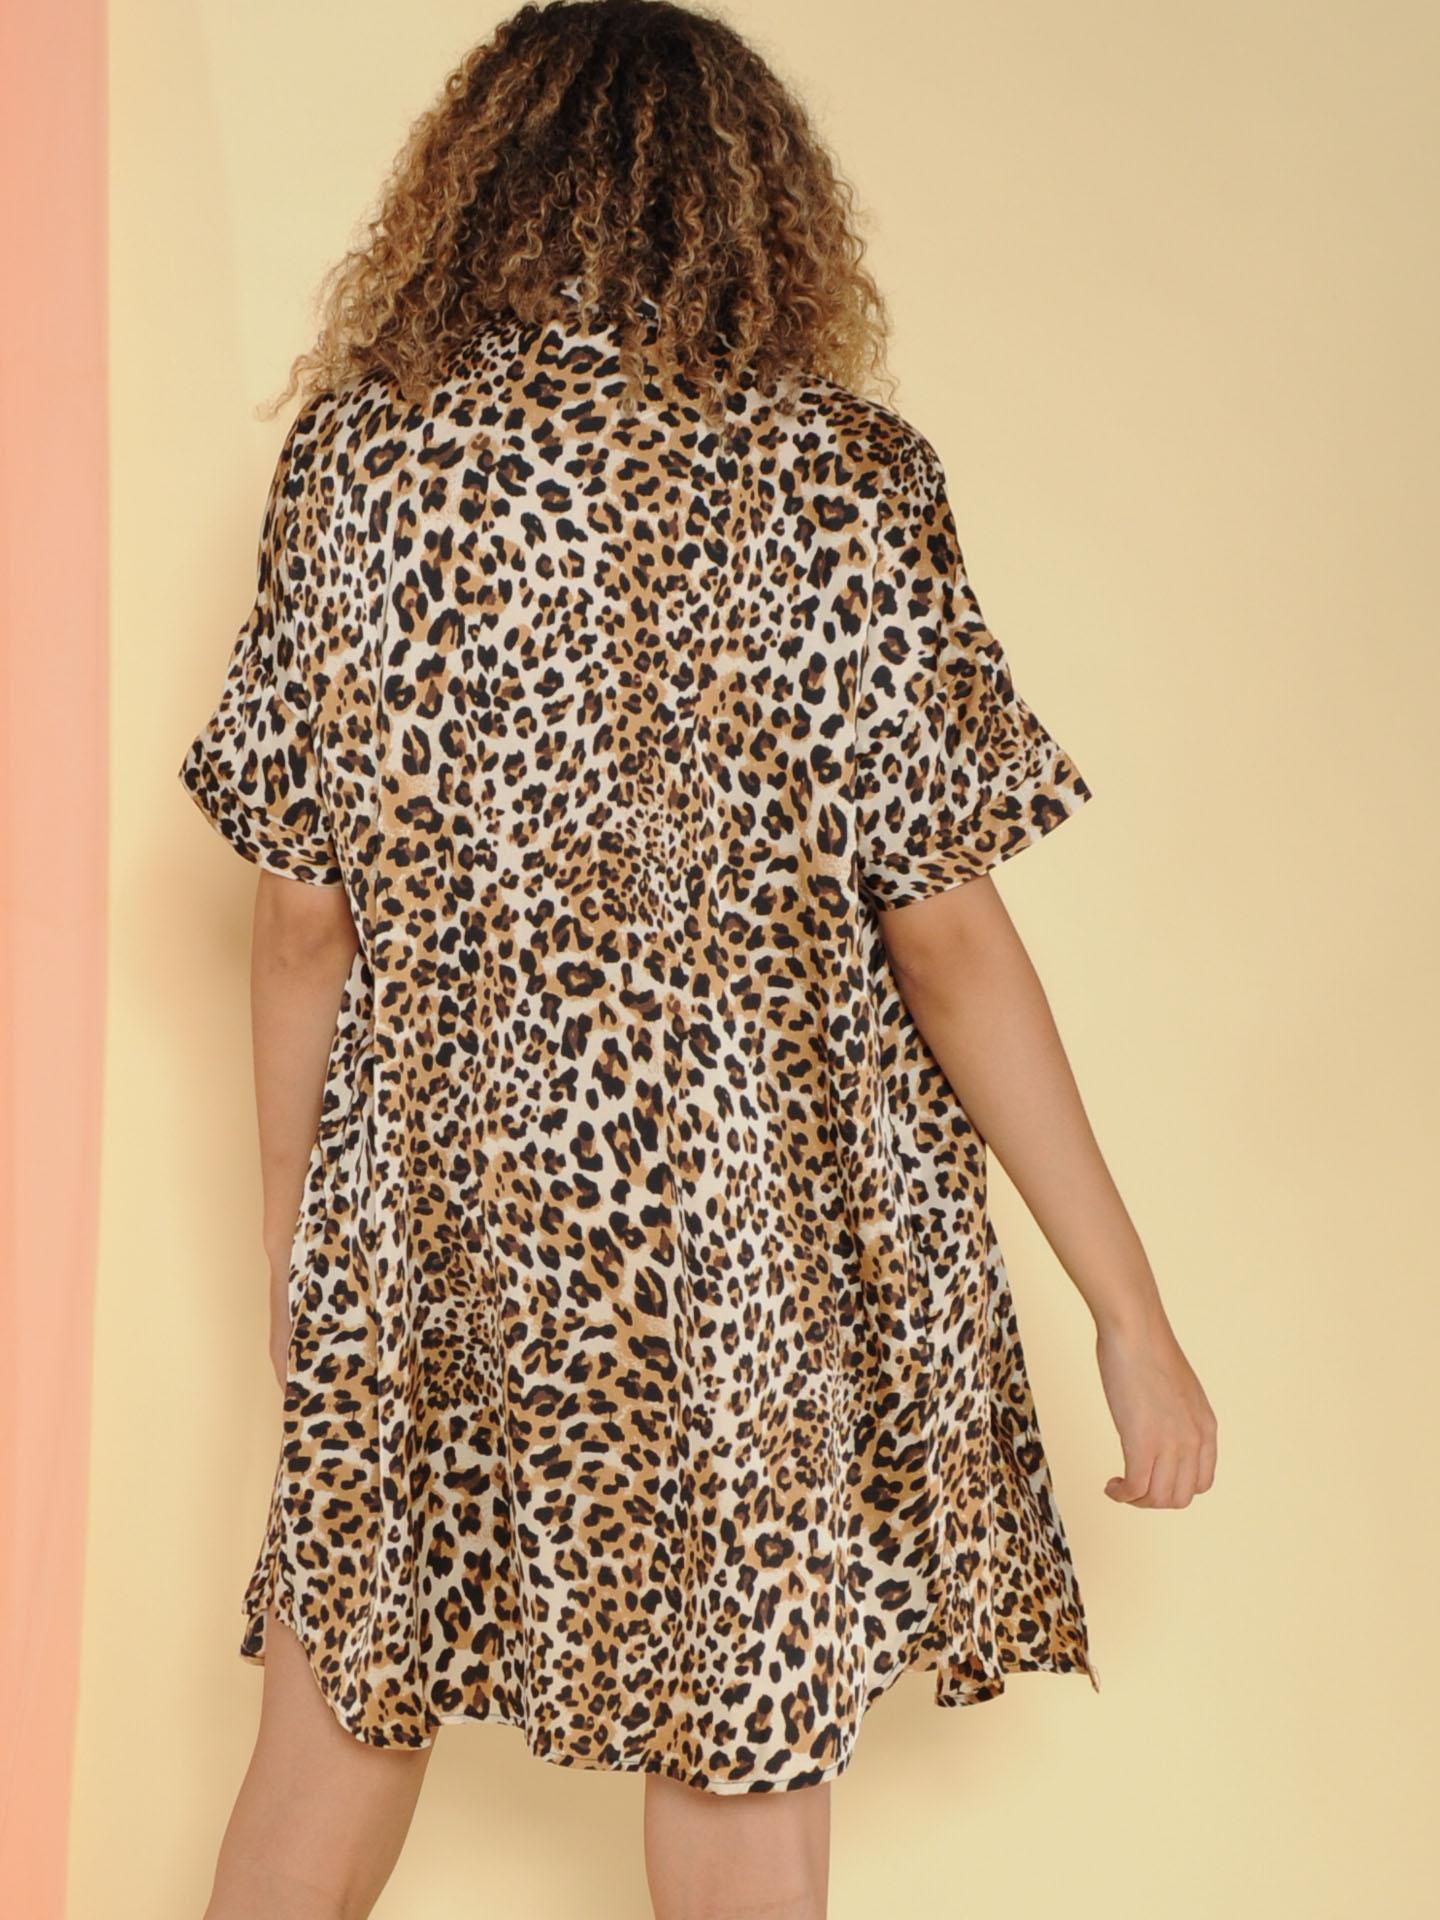 Javana Dress Leopard Button Up Cuffed Sleeve Dress  Back